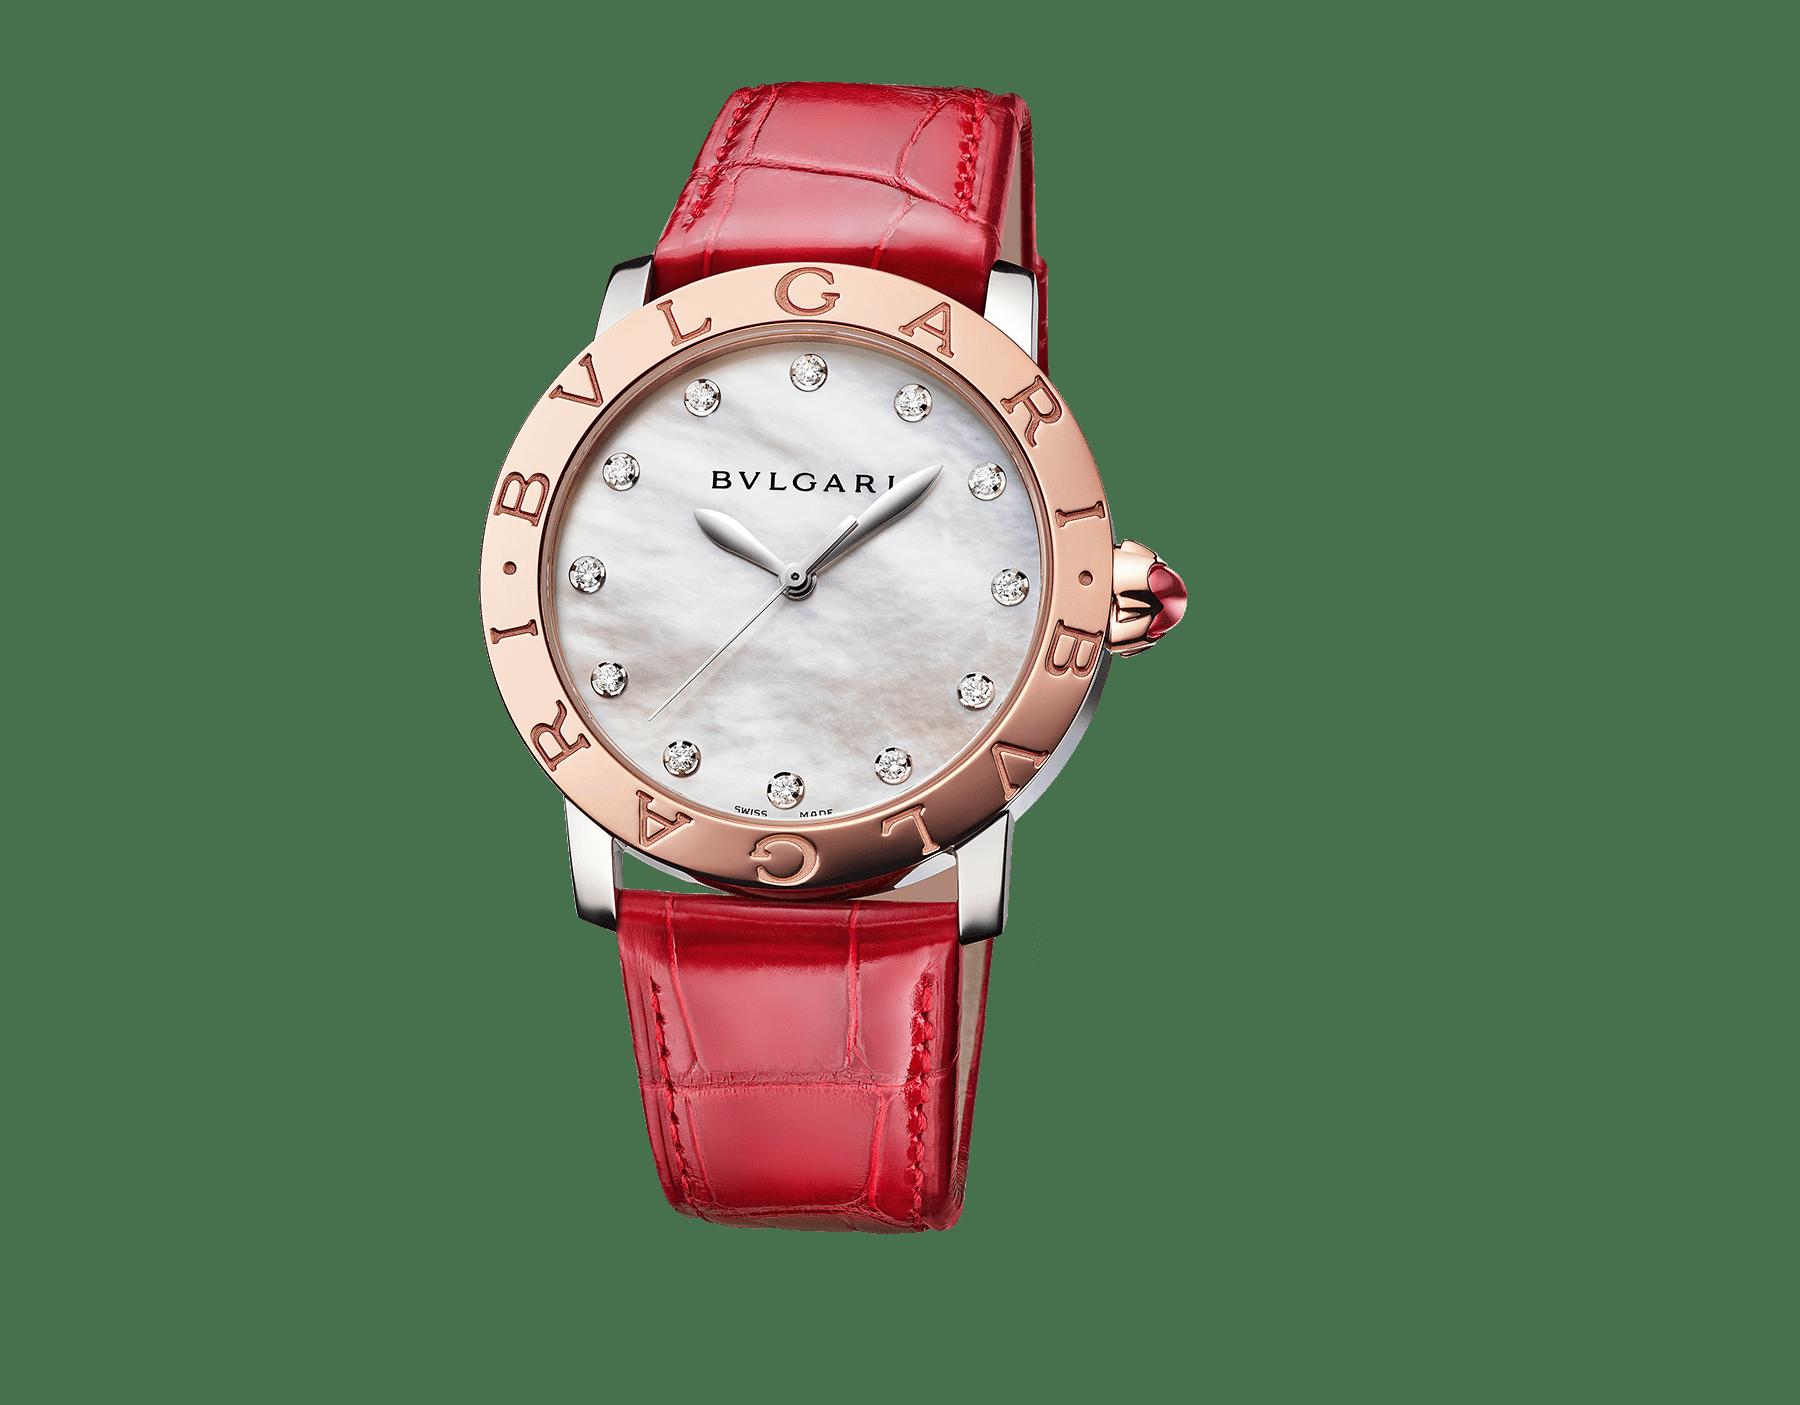 Reloj BVLGARI BVLGARI con caja en acero inoxidable, bisel en oro rosa de 18qt, esfera de madreperla blanca, diamantes engastados como índices y correa de piel de aligátor roja brillante. 102744 image 1